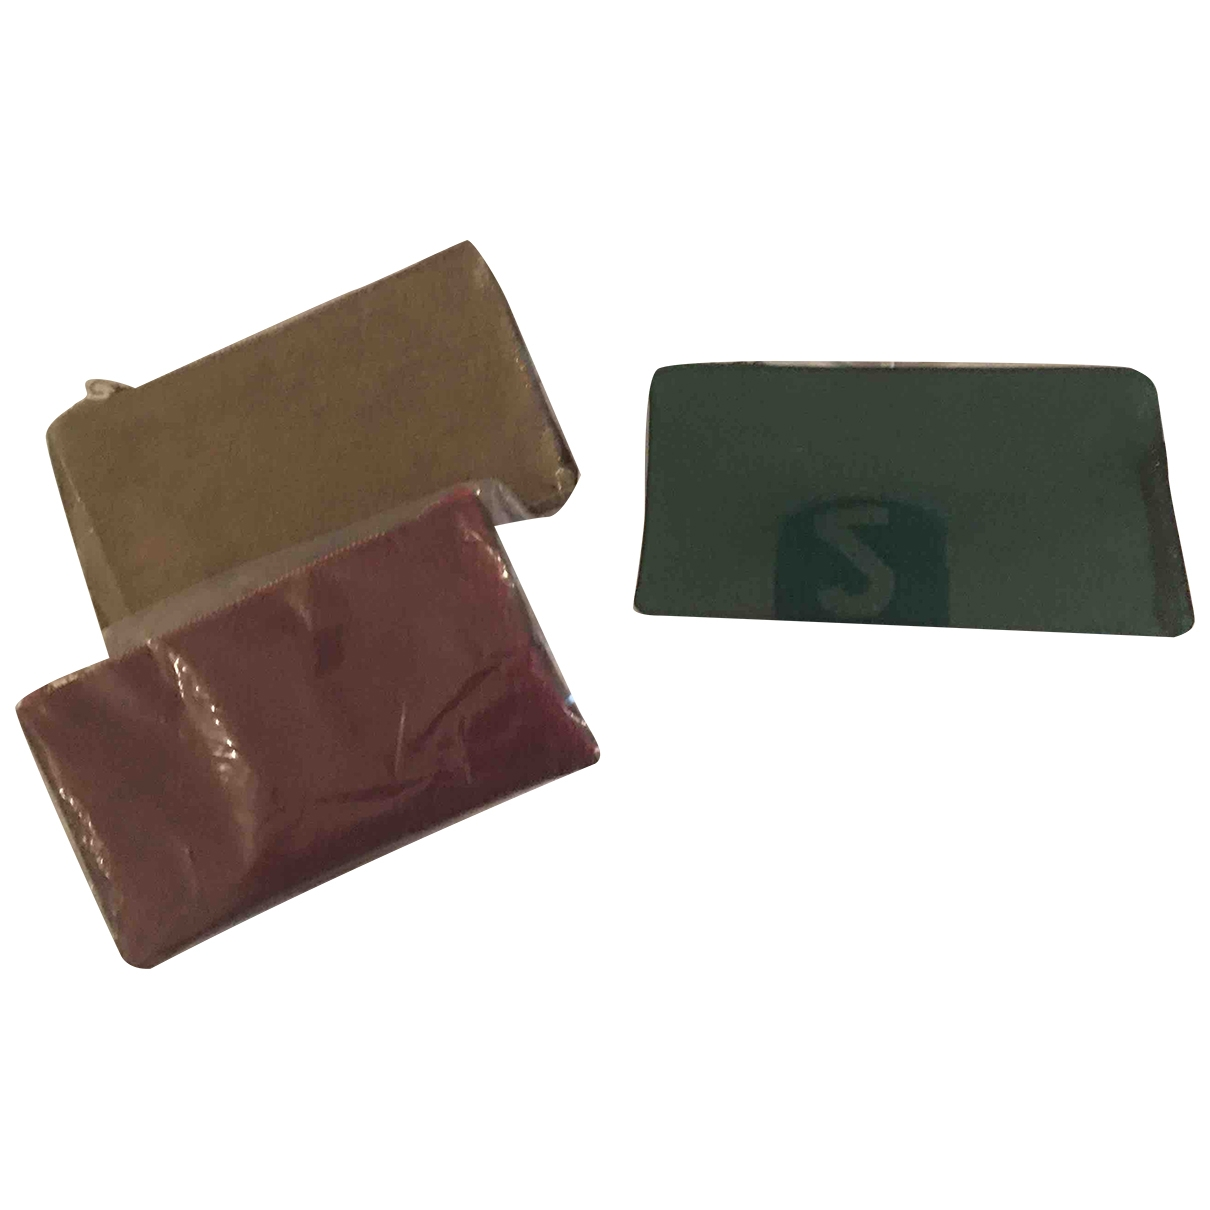 Bolsos clutch en Plastico Multicolor Charlotte Olympia